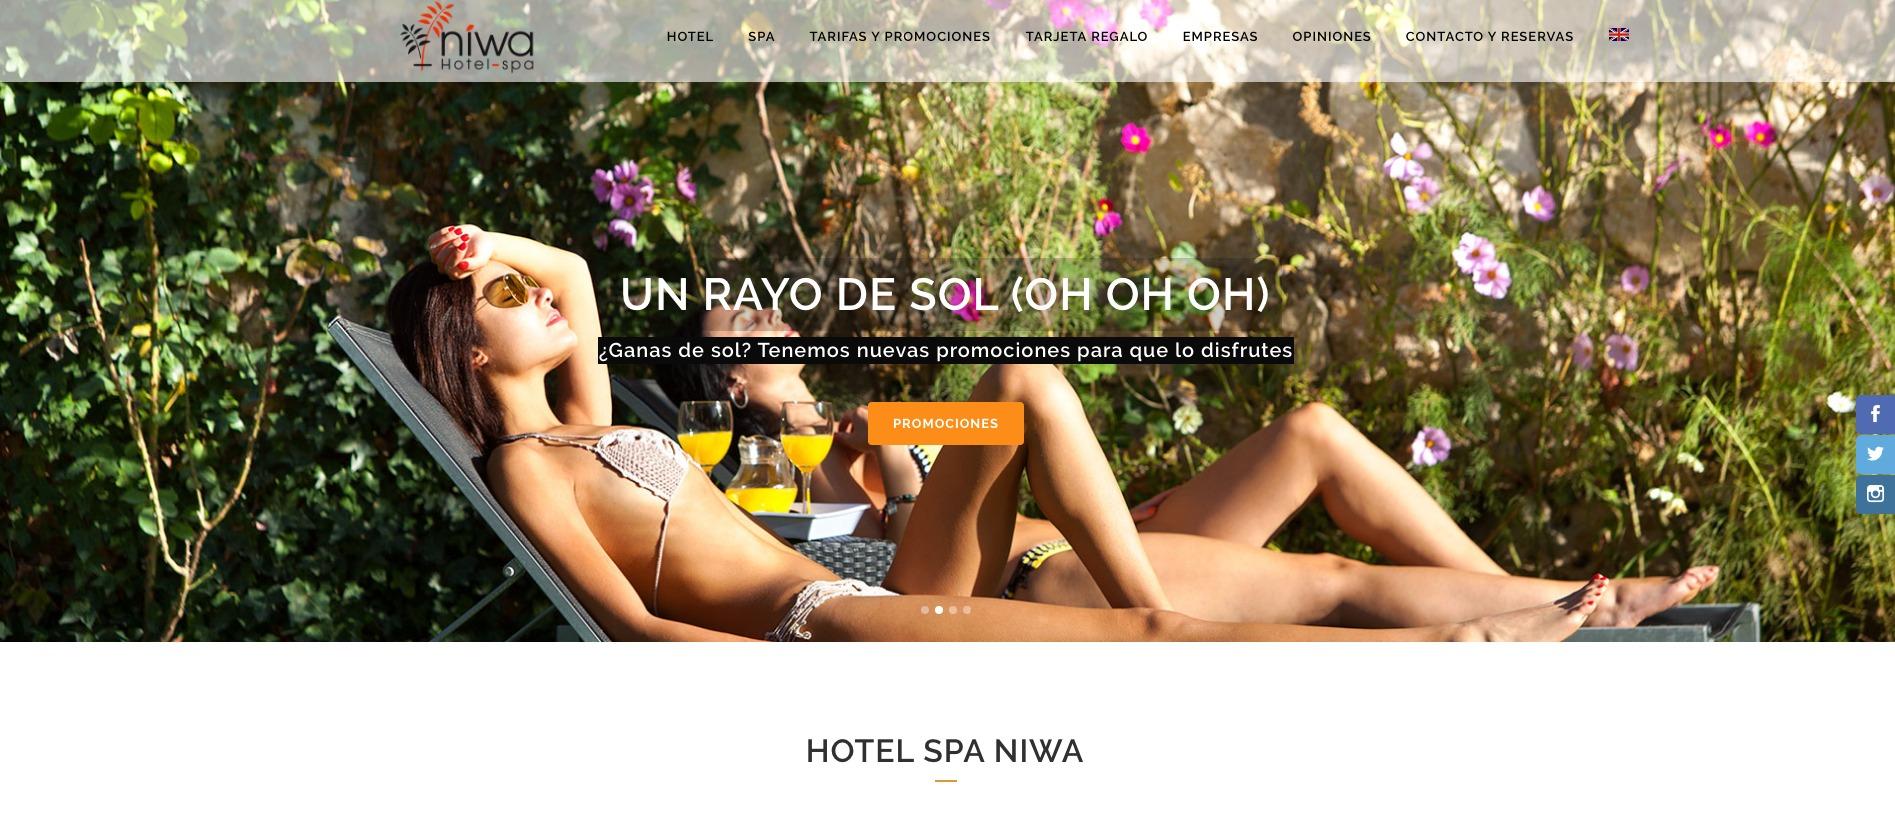 Detalle de imagen frontal de web Hotel Spa Niwa con promociones de verano